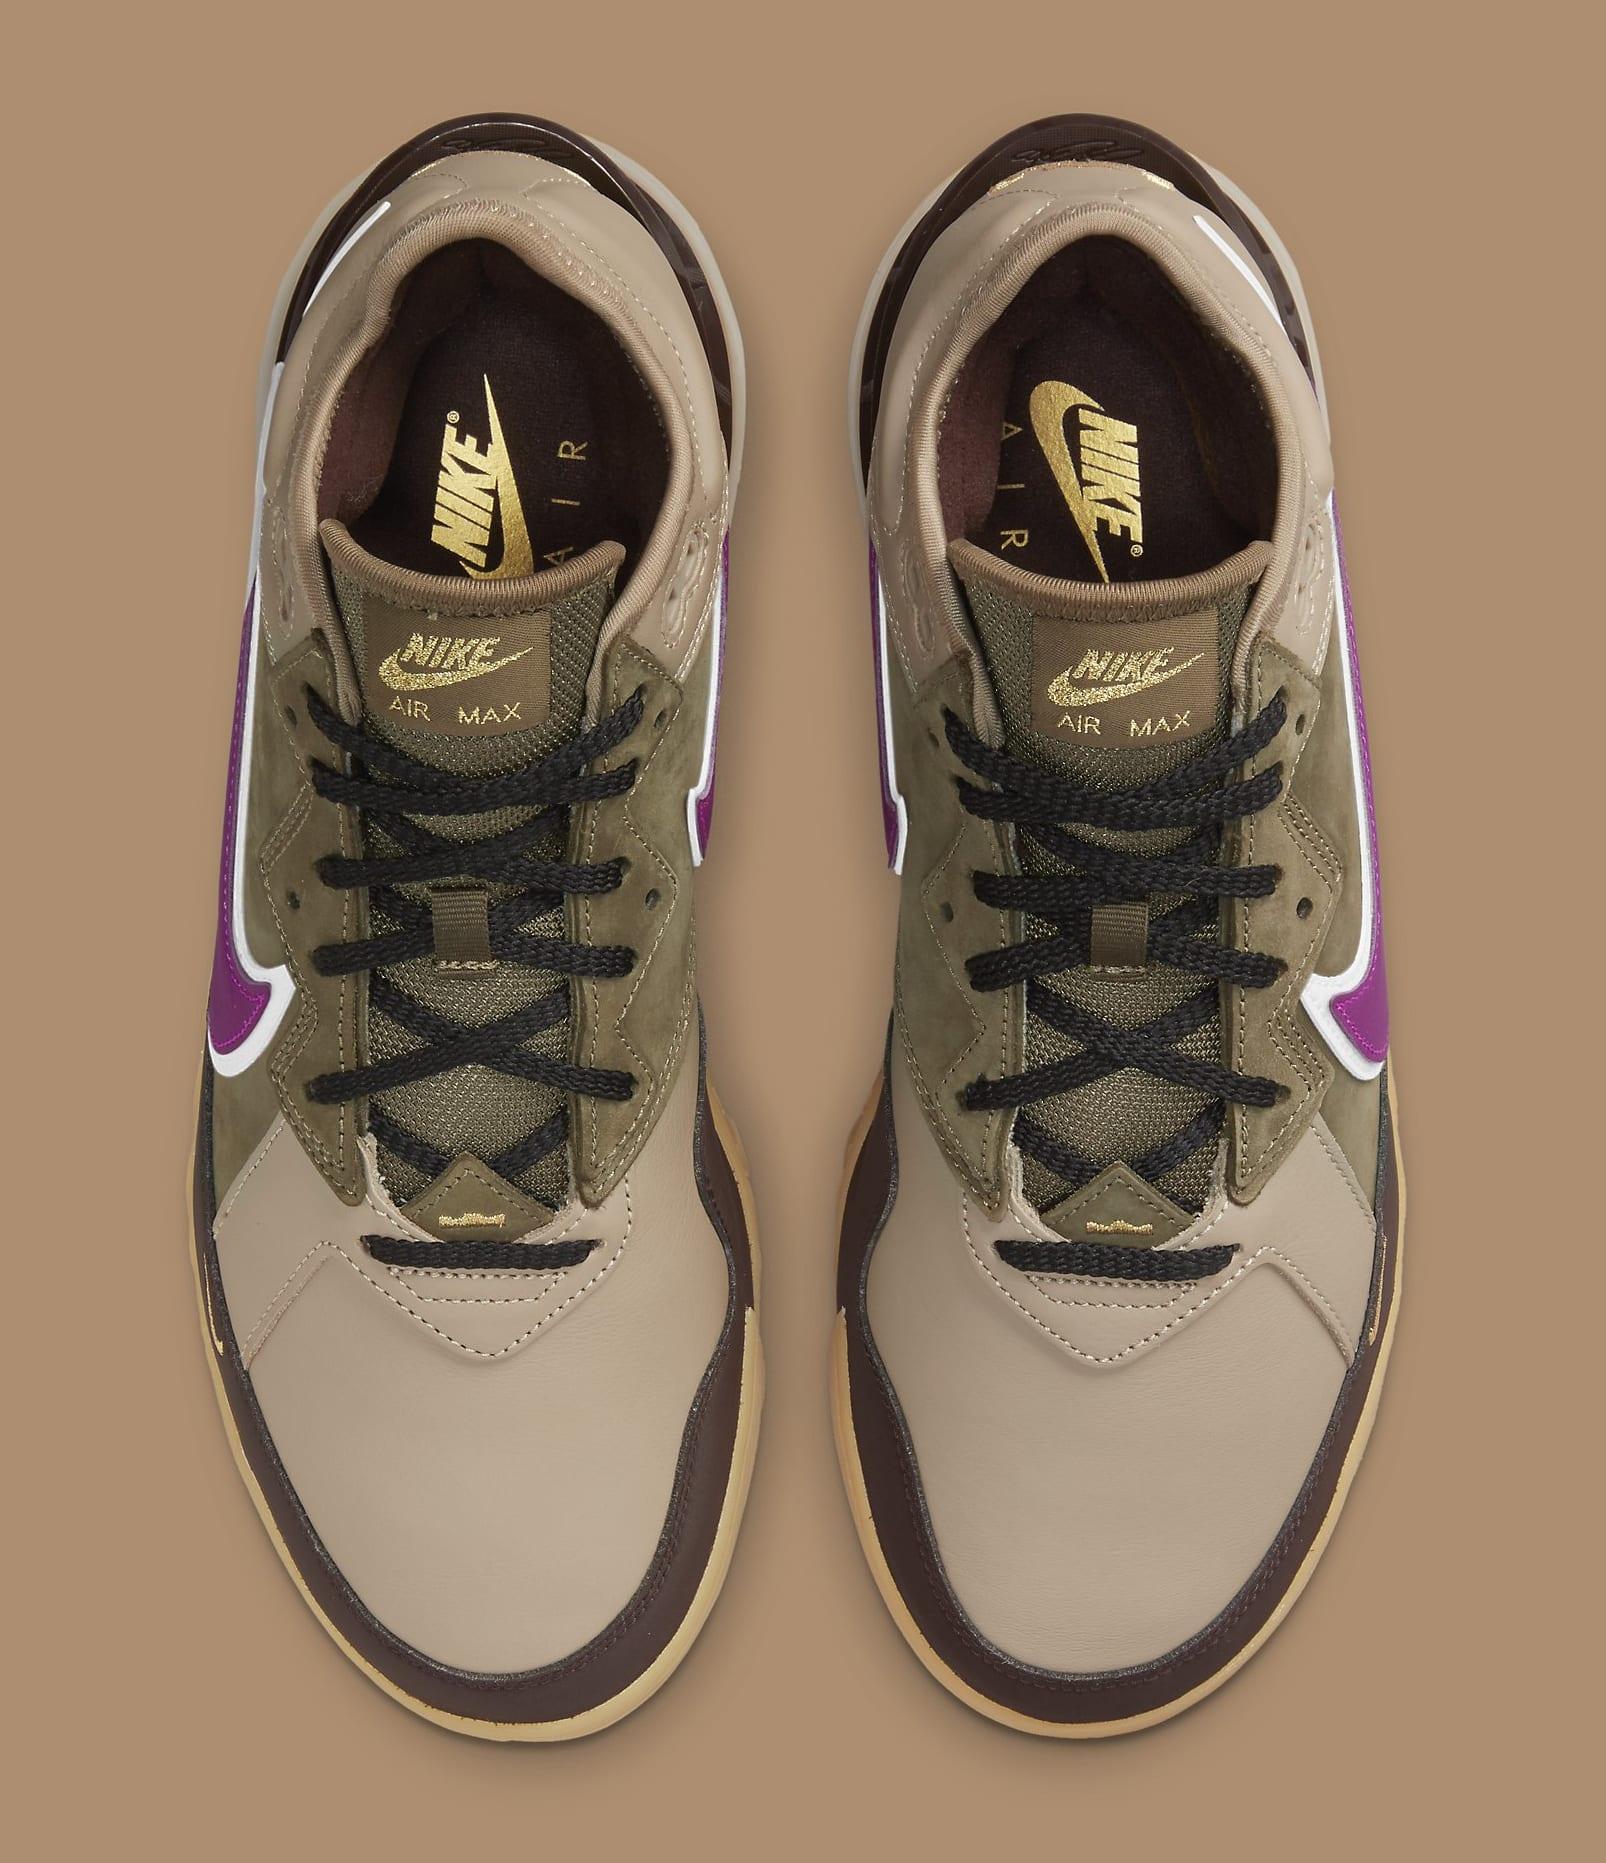 Atmos x Nike LeBron 18 Low 'Viotech' CW5635-200 Top